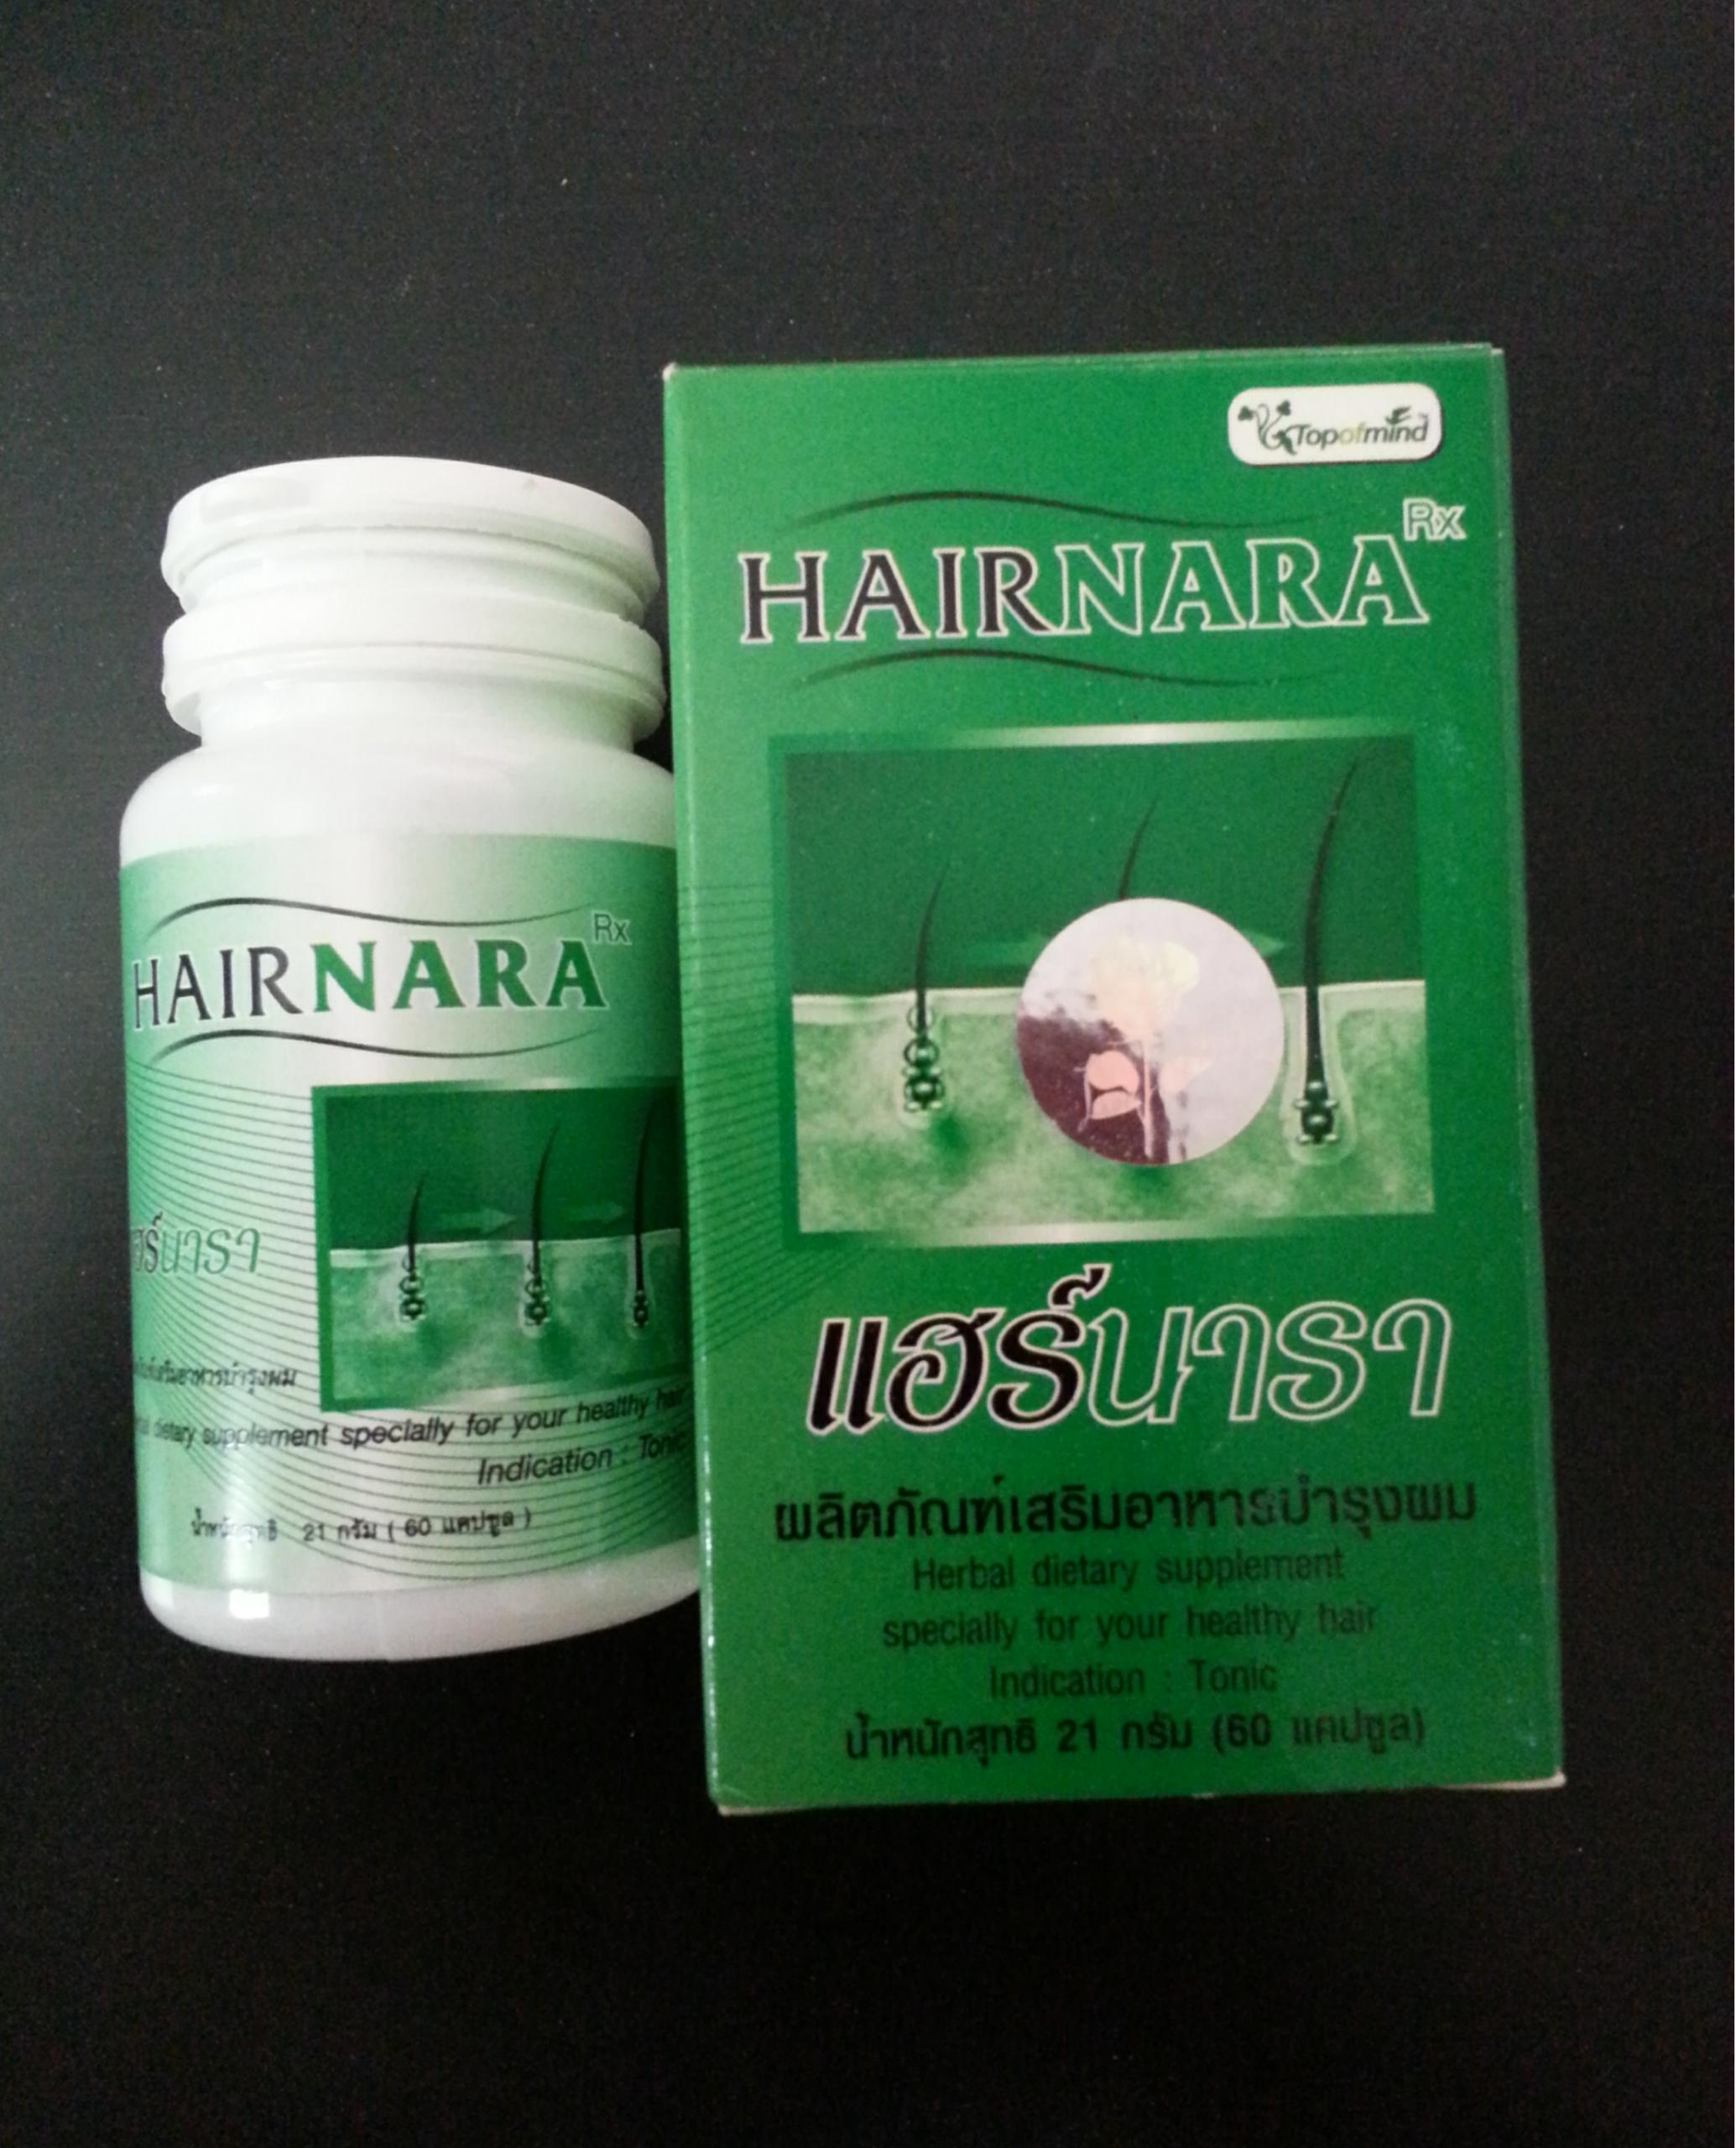 แฮร์นารา Hairnara ผลิตภัณฑ์เสริมอาหารบำรุงผม ผมร่วง ผมบาง ศรีษะล้าน บำรุงรากผมให้แข็งแรง ช่วยลดการขาด หลุด ร่วง สำเนา